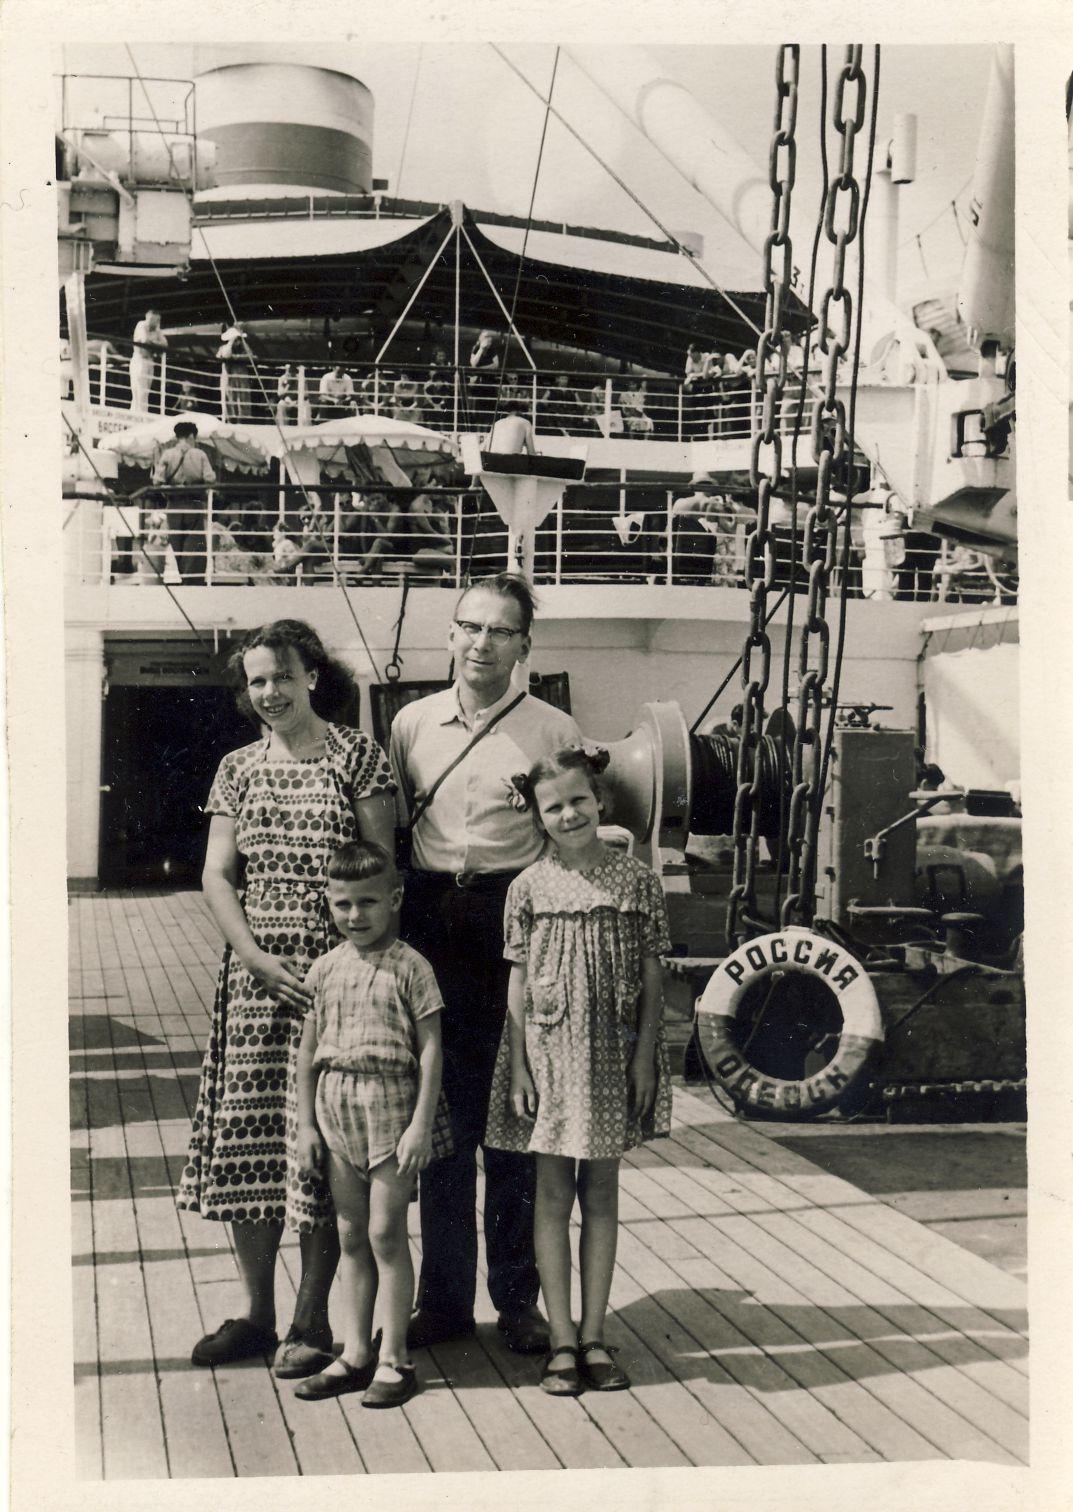 V. Sirijos Girų šeima: Janina, Vytautas, Algirdas ir Danutė. Jalta. 1957 m.